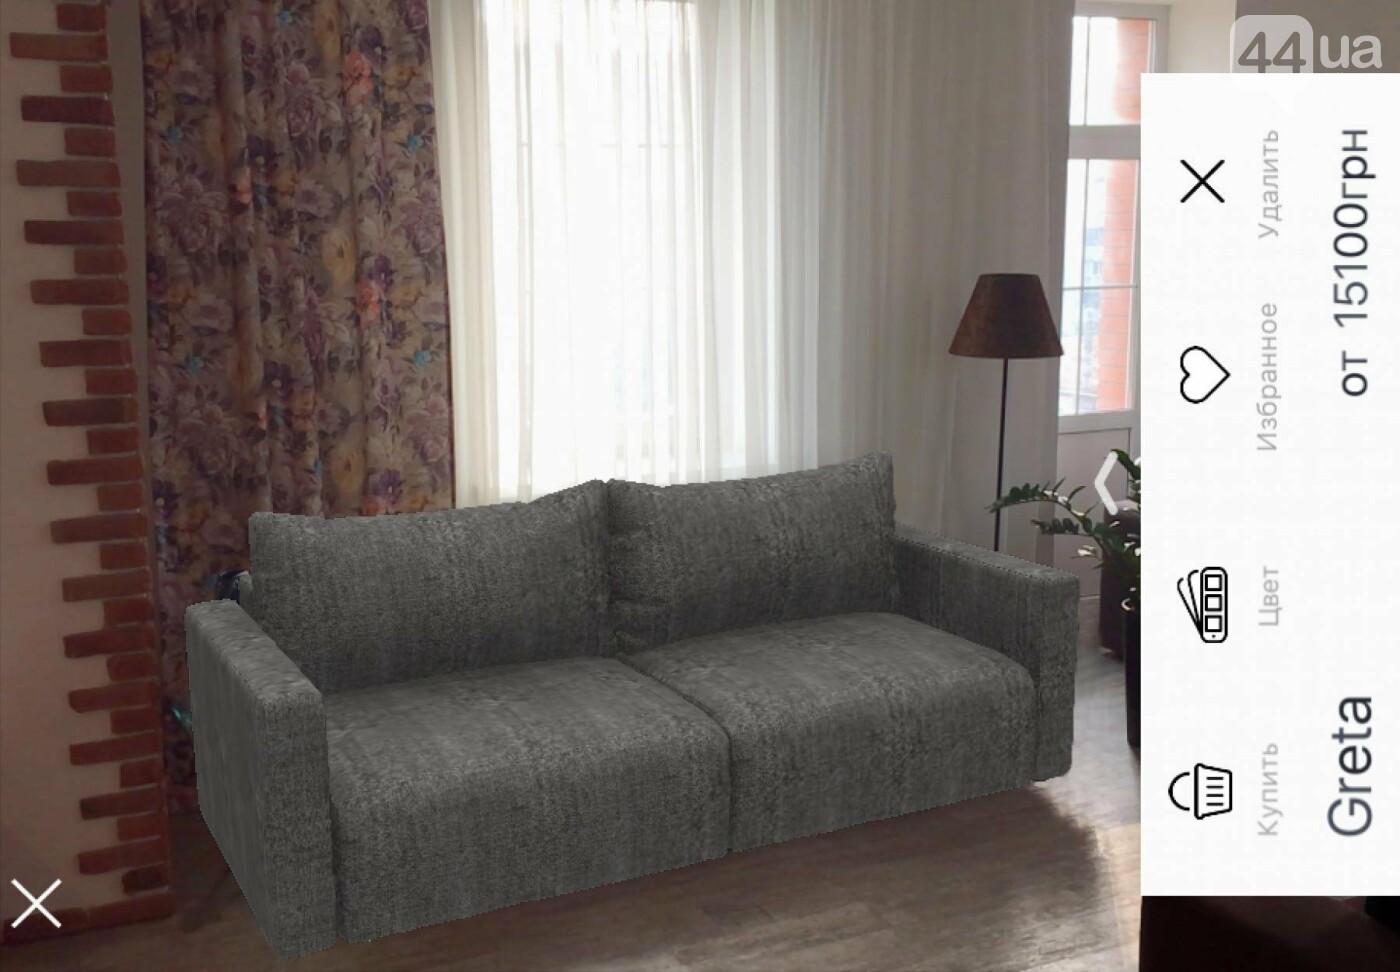 Инновационный инструмент для комфортного выбора мягкой мебели от Pufetto, фото-2